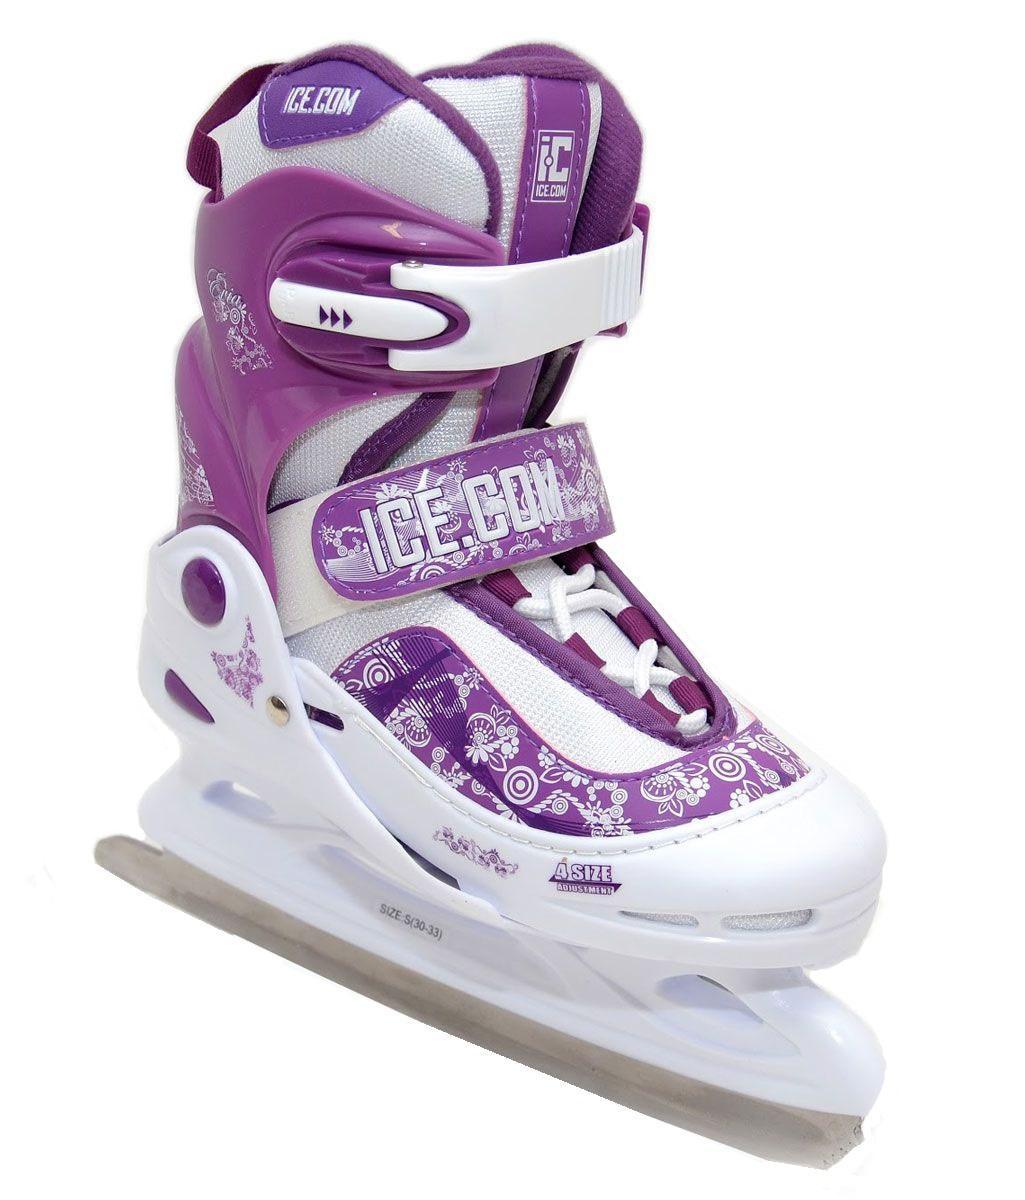 Коньки ледовые для девочки Ice.Com Evia, раздвижные, цвет: сиреневый, белый. Размер 34/37